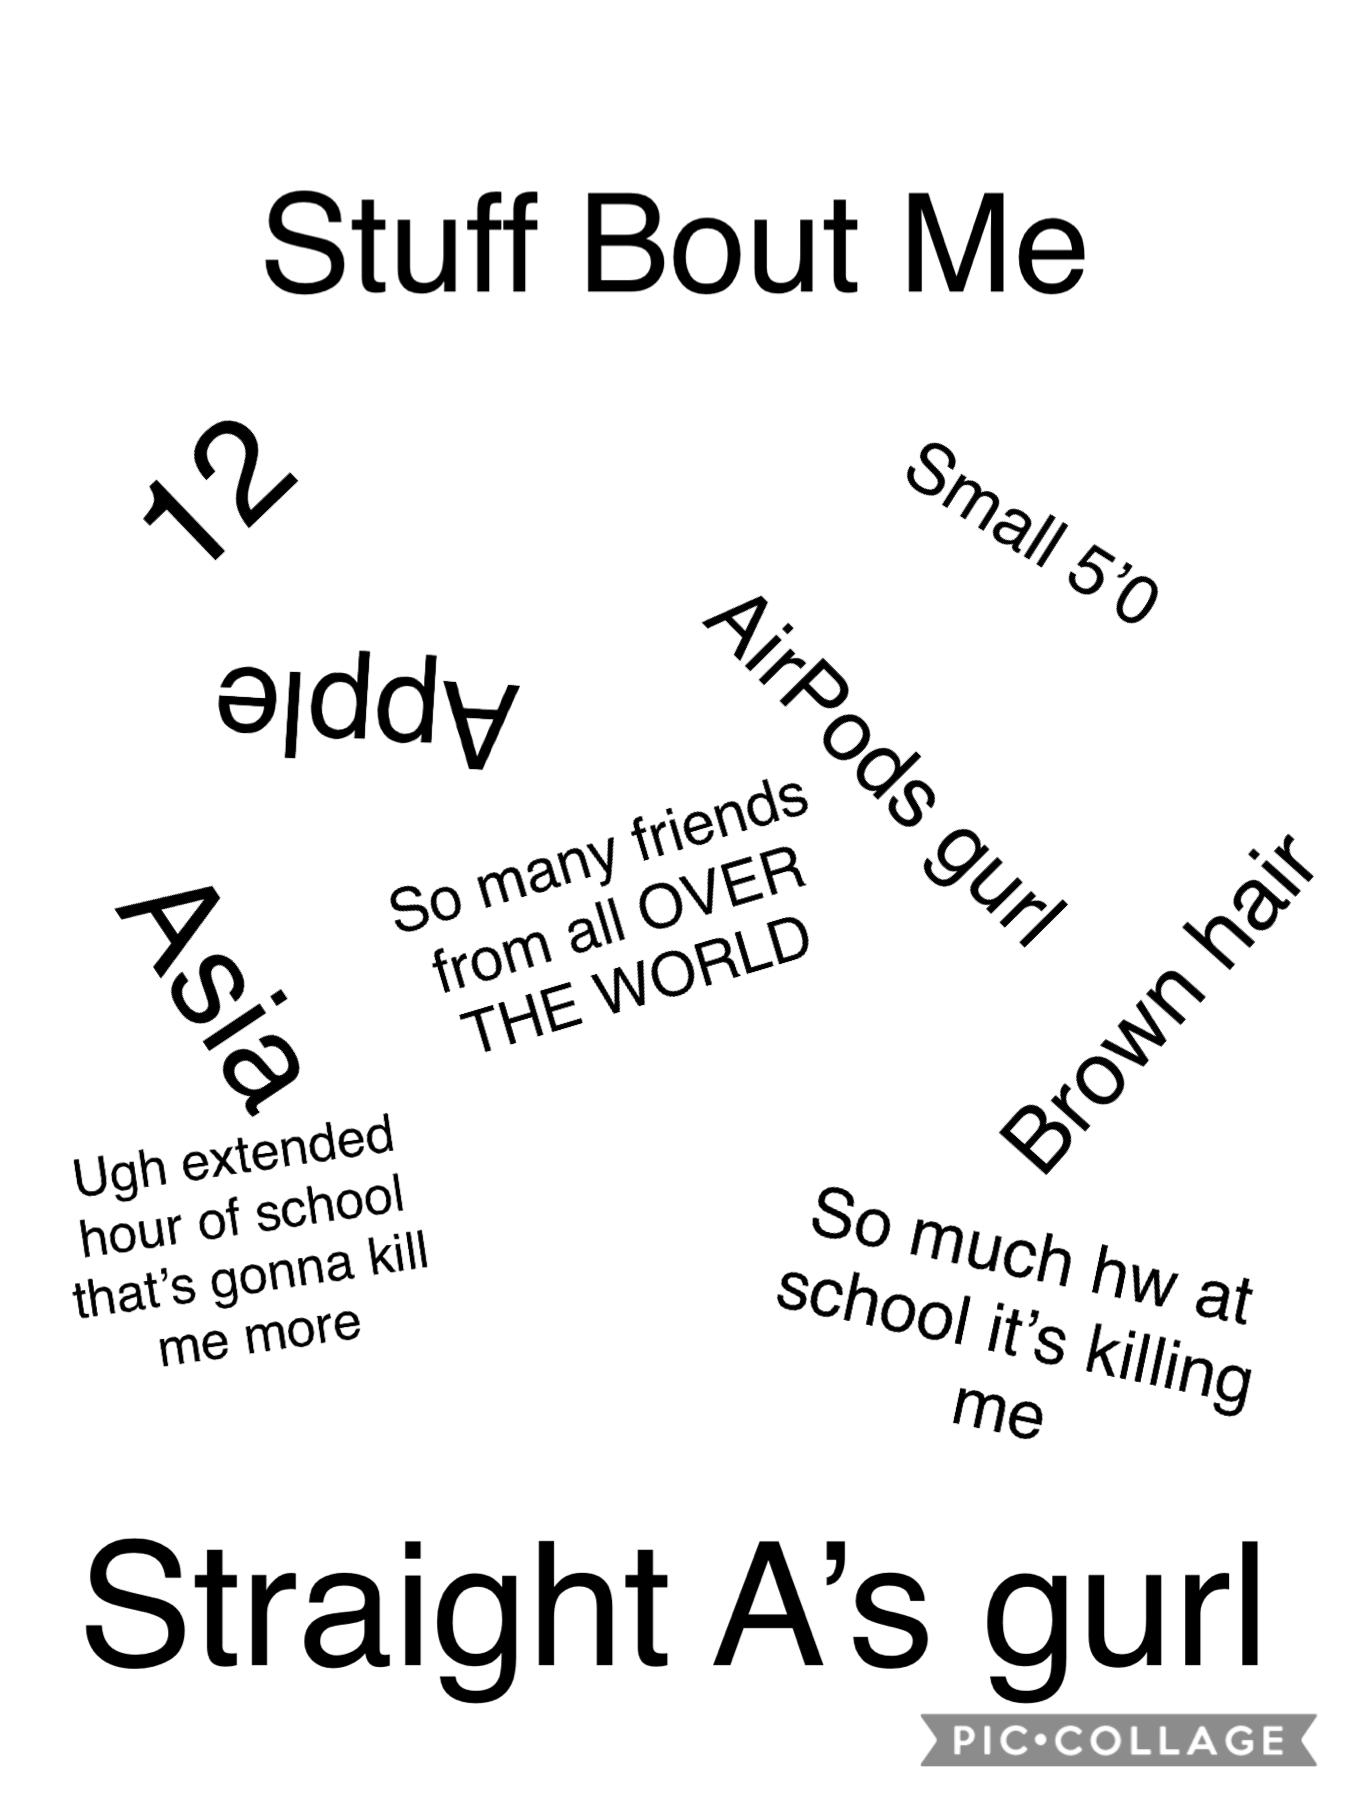 Stuff bout me